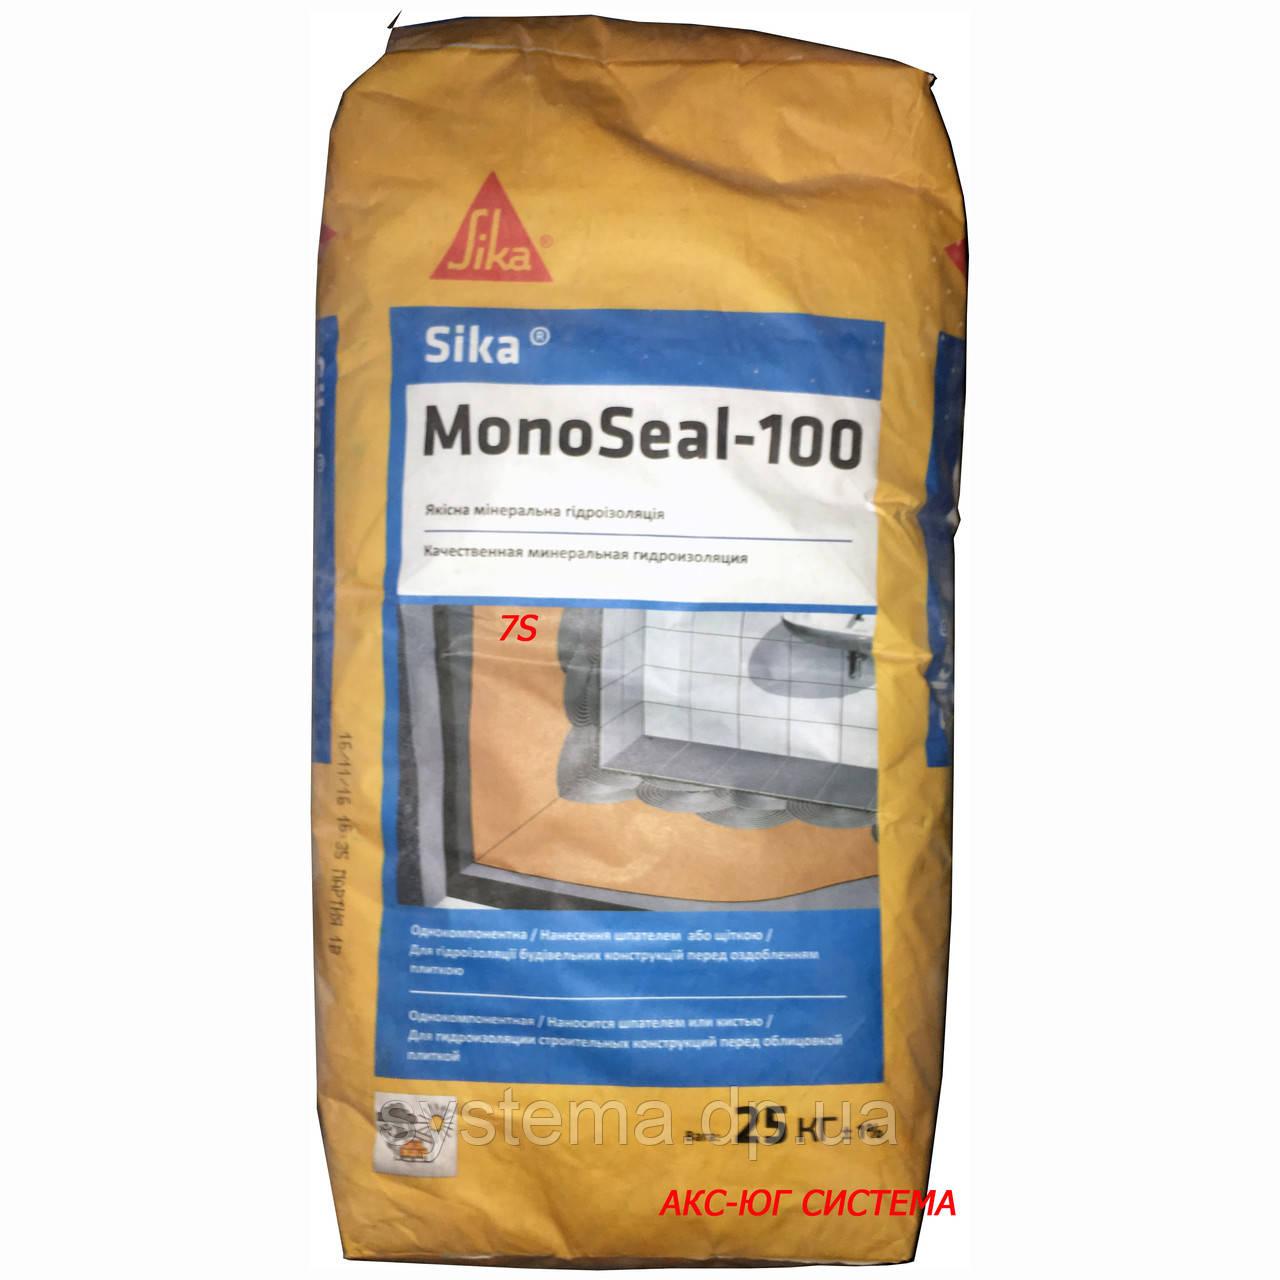 Sika®  MonoSeal-100 - Жесткая однокомпонентная гидроизоляционная смесь, 25 кг